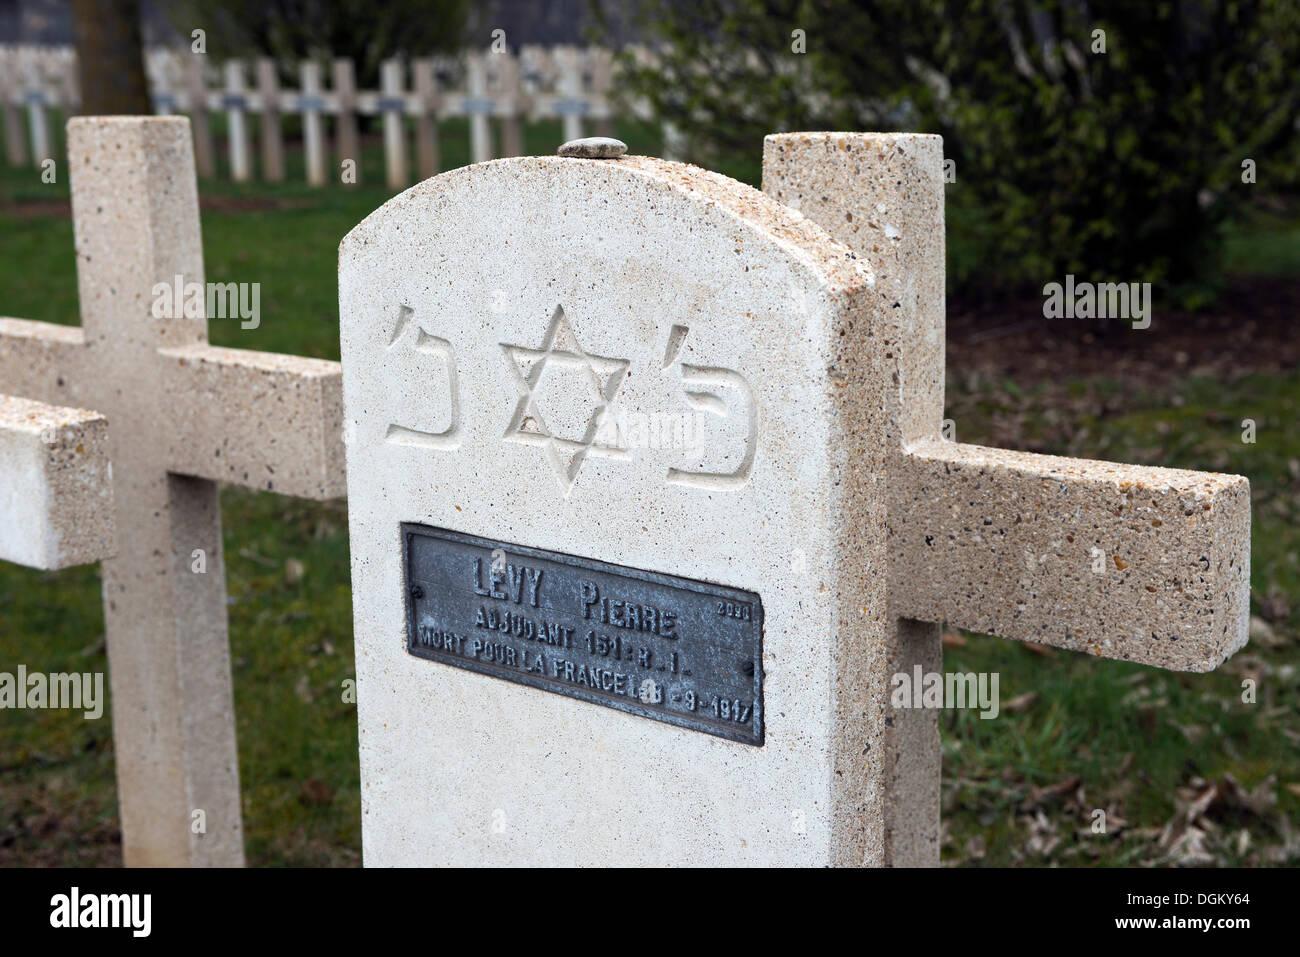 Pierre tombale juive avec plaque, cimetière militaire, bataille de Verdun, Première Guerre mondiale, Verdun, Lorraine, France, Europe Photo Stock